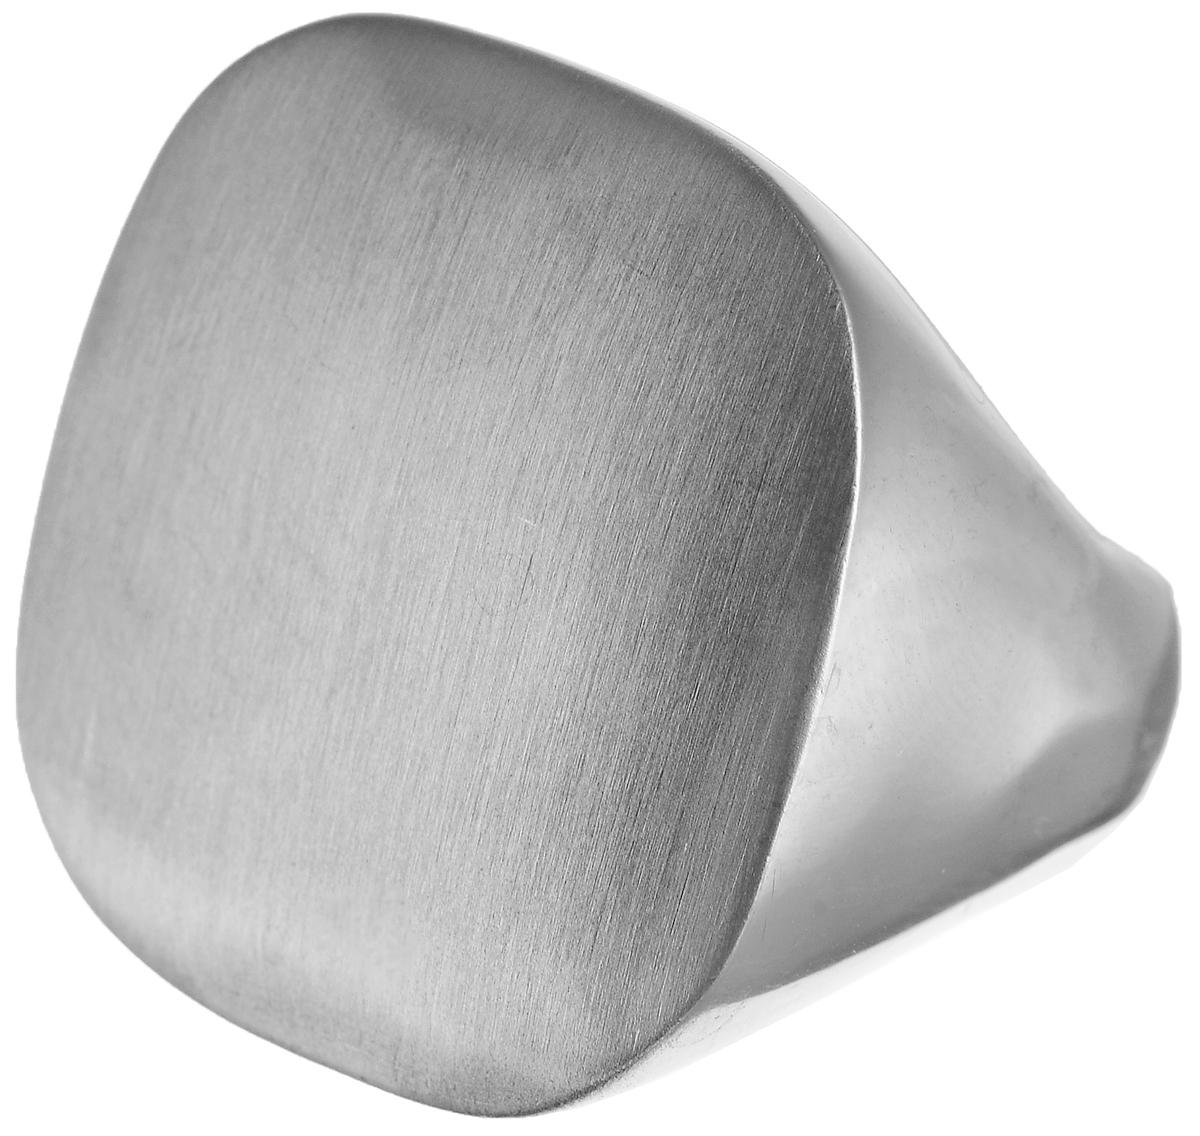 Кольцо Polina Selezneva, цвет: серебристый. DG-0012. Размер 20DG-0012Оригинальное кольцо Polina Selezneva выполнено из металлического сплава. Оформлено изделие в форме квадрата с закругленными краями. Такое кольцо это блестящее завершение вашего неповторимого, смелого образа и отличный подарок для ценительницы необычных украшений!